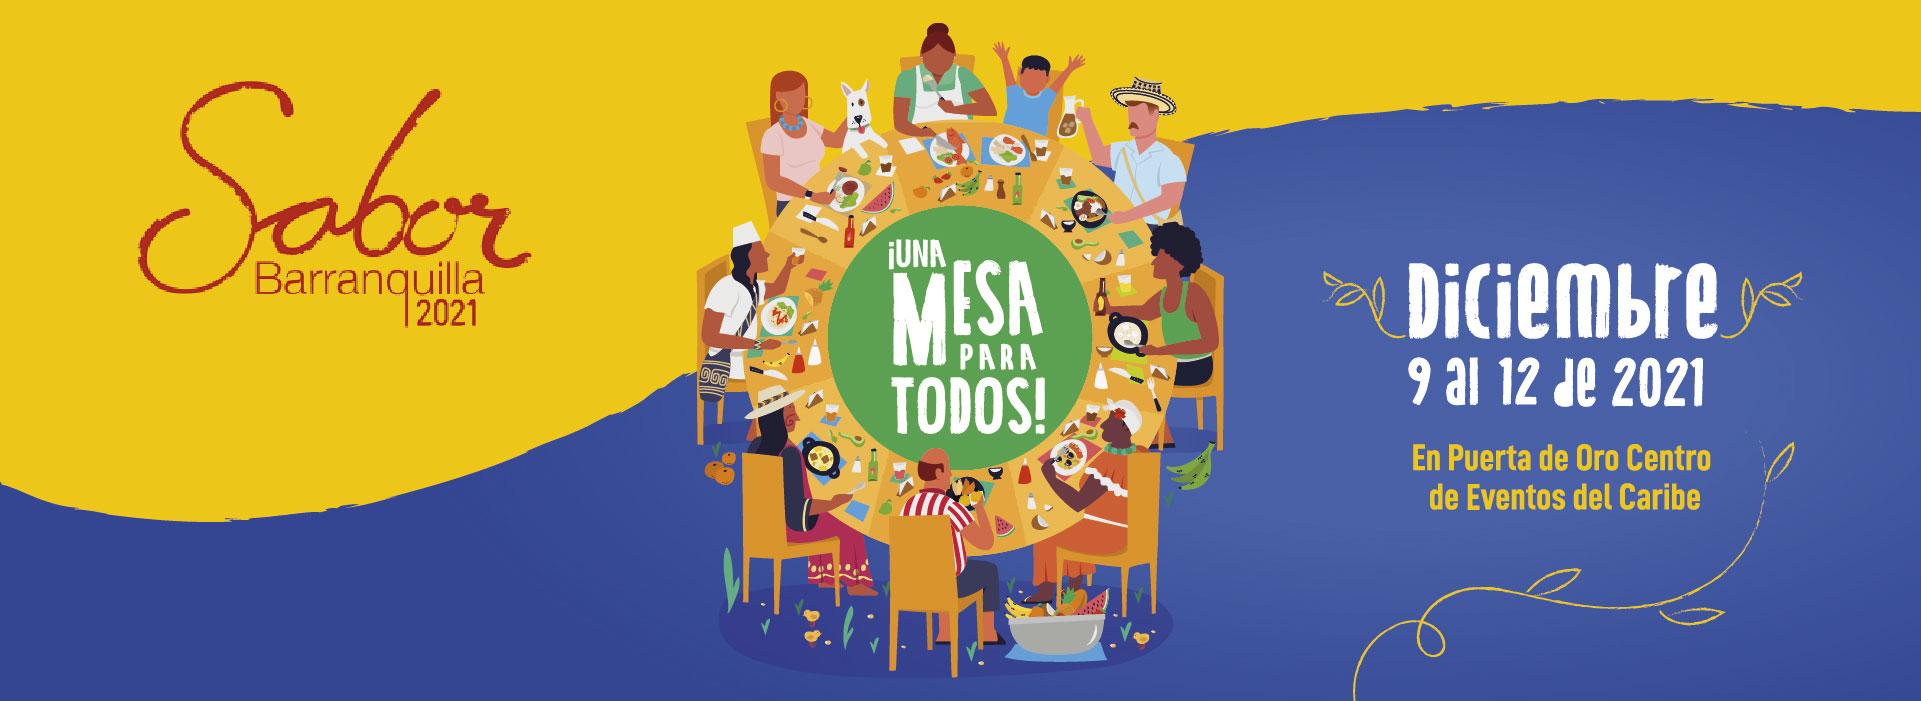 Inician los preparativos para uno de los eventos gastronómicos más importantes de la región: Sabor Barranquilla